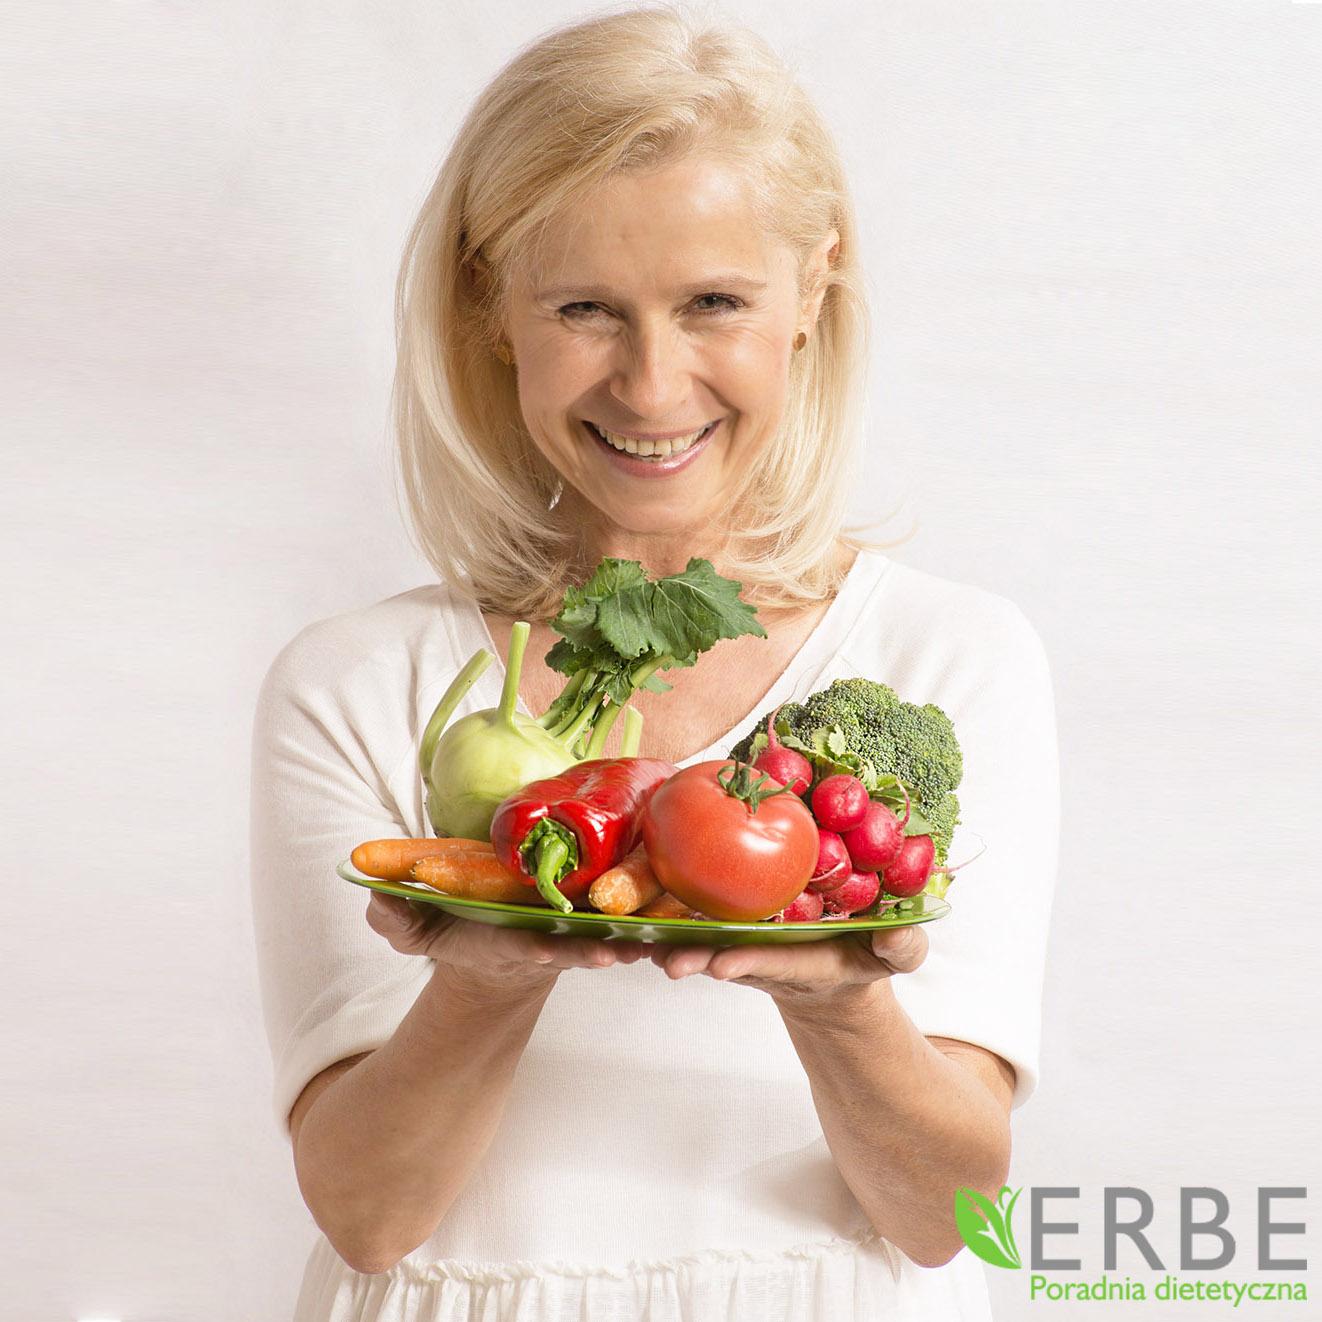 erbe agnieszka haszczyńska poradnia dietetyczna online